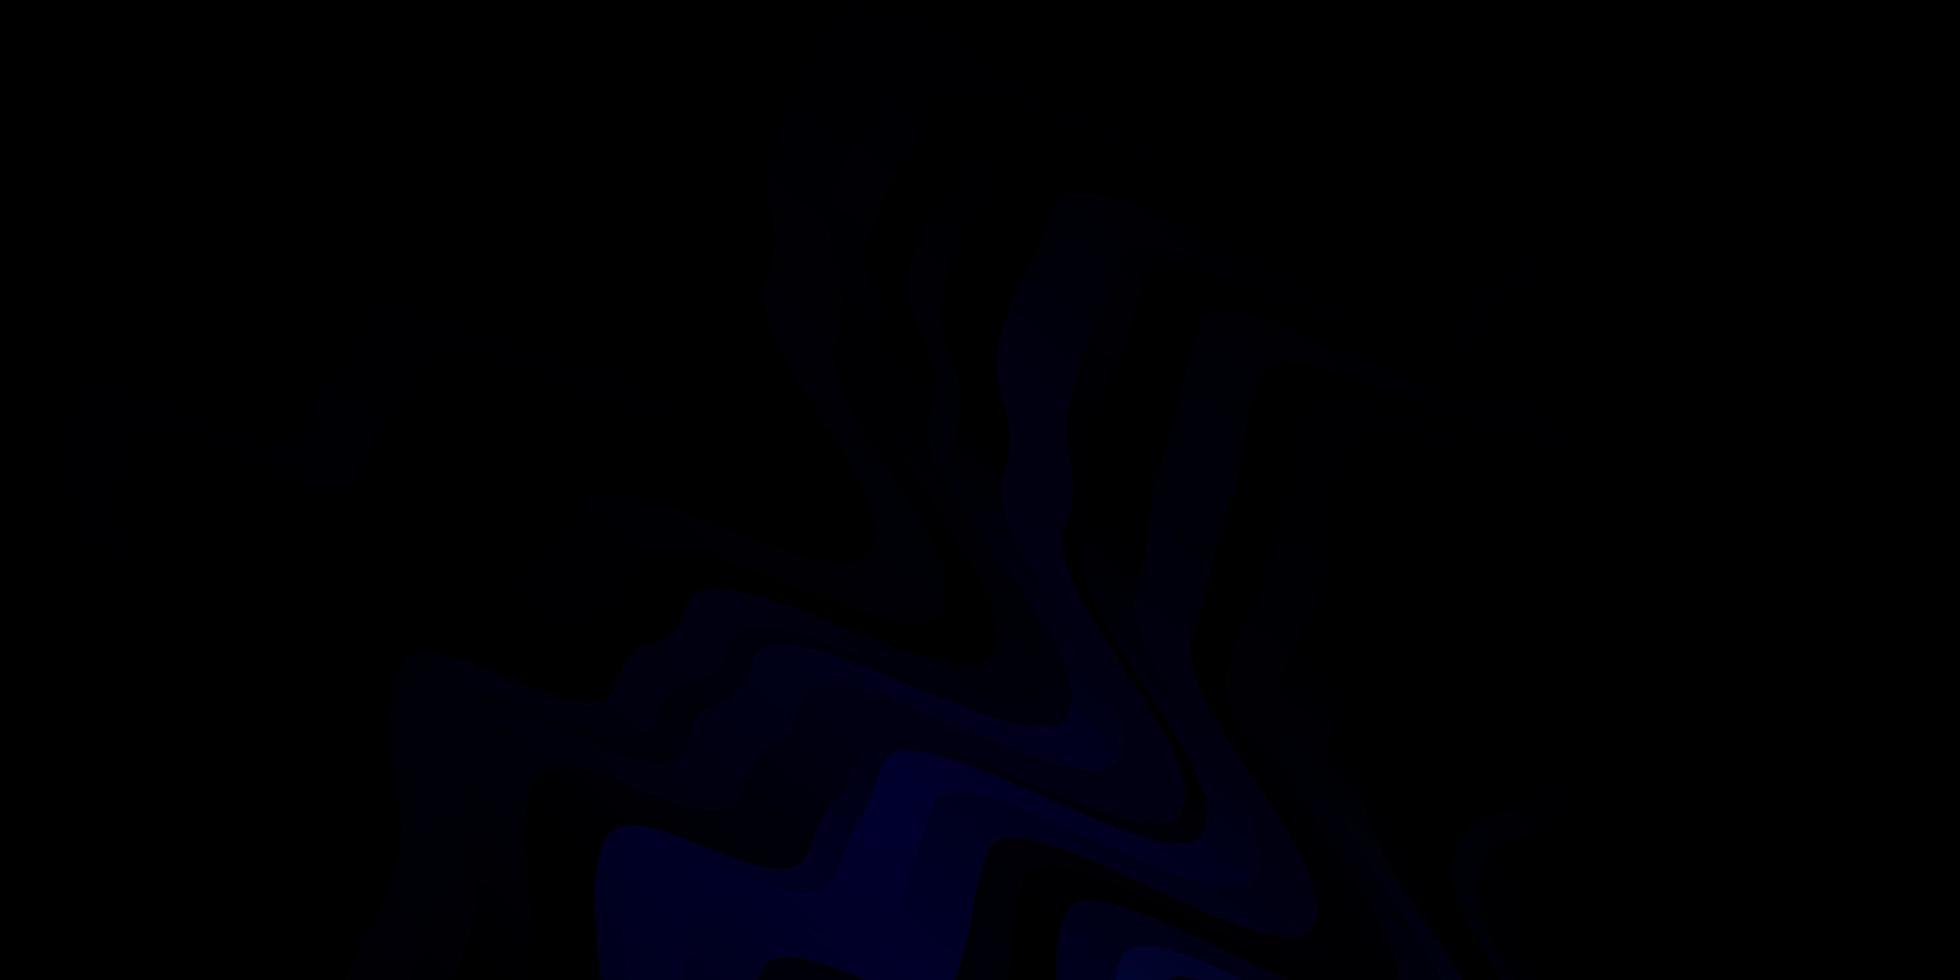 modello vettoriale blu scuro con linee curve.